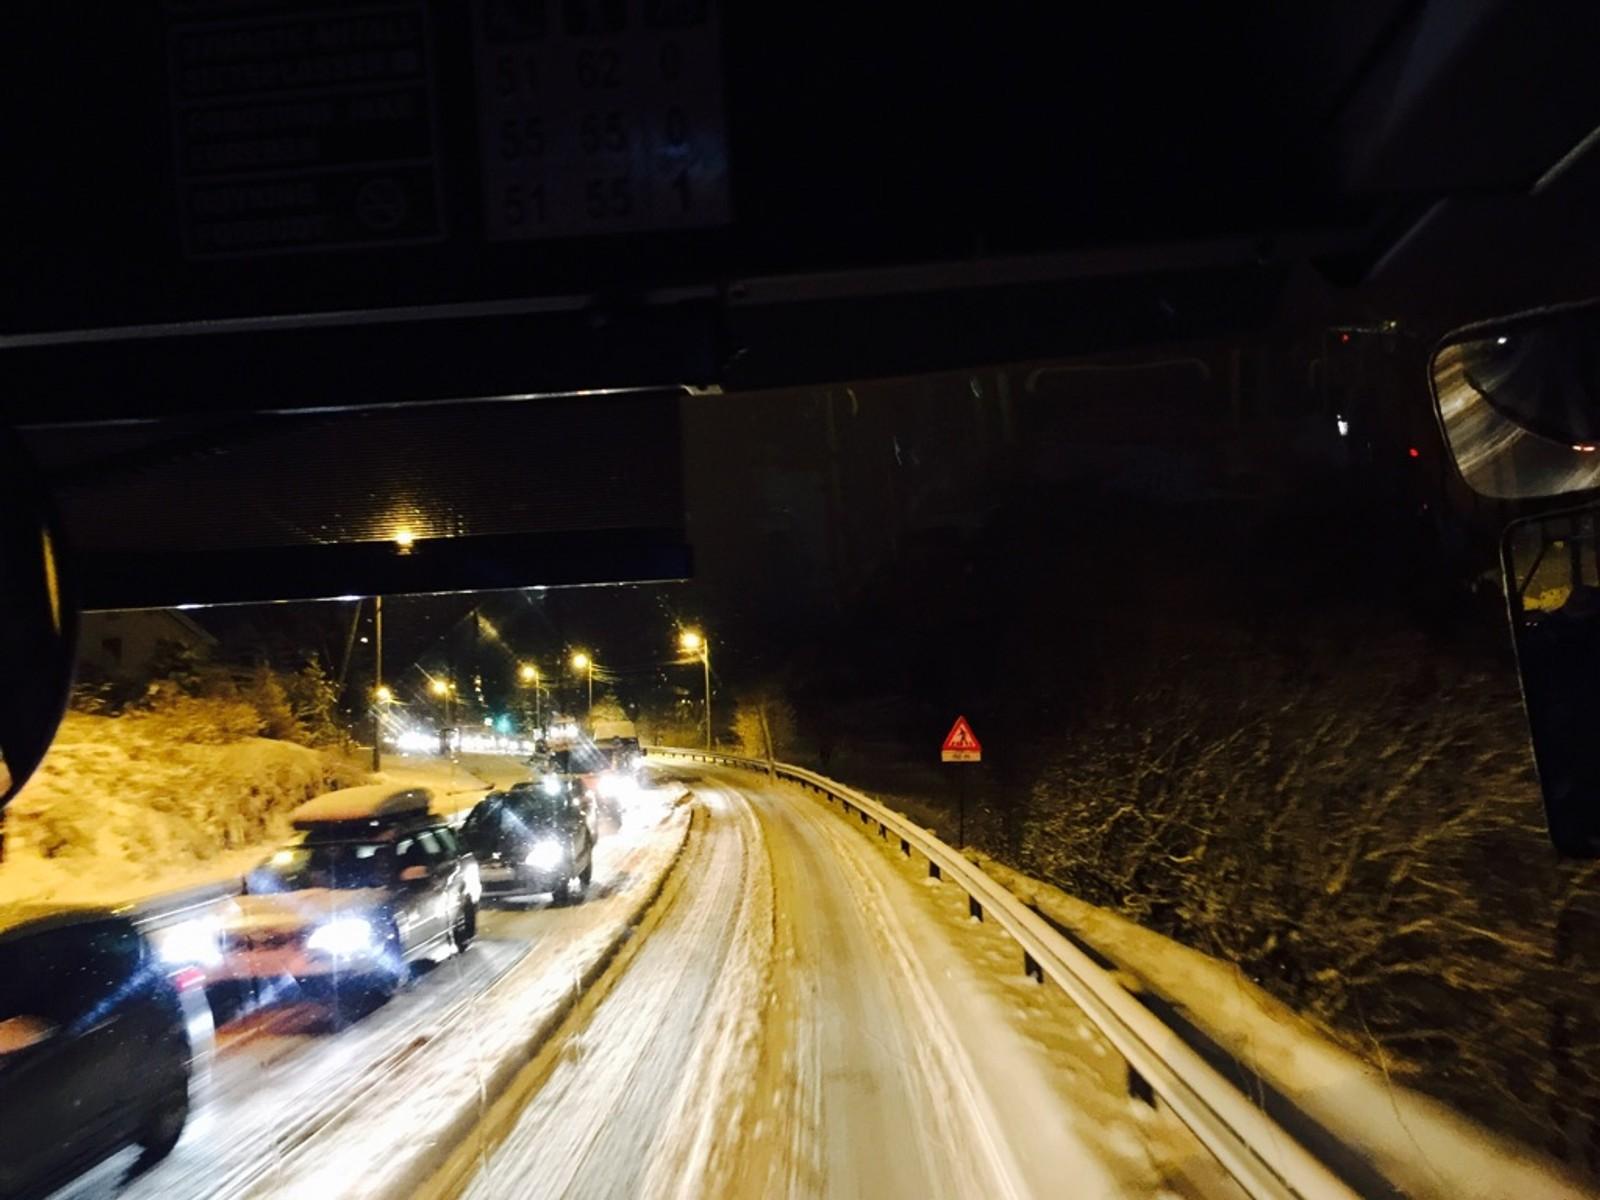 Det er lang kø på E39 fra Hatlestad i retning Bergen, forteller en NRK-tipser.